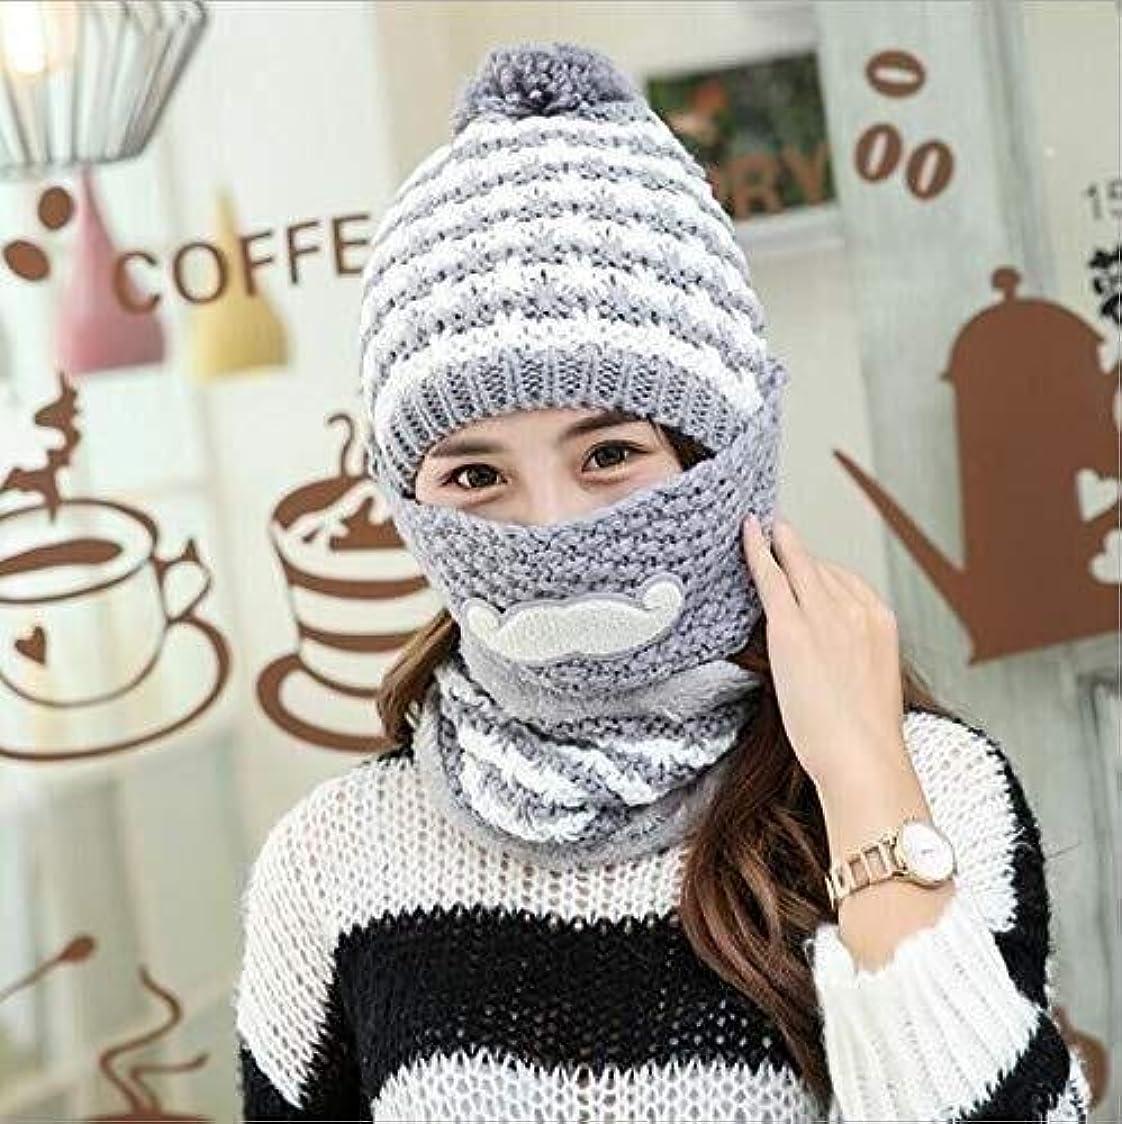 チャンバーリスク巨人帽子 ニットビーニーハット帽子帽子帽子女性のマスク厚く暖かい冬屋外サイクリング風冷たい耳プロテクターニット帽マルチキャップ (Color : Grey)